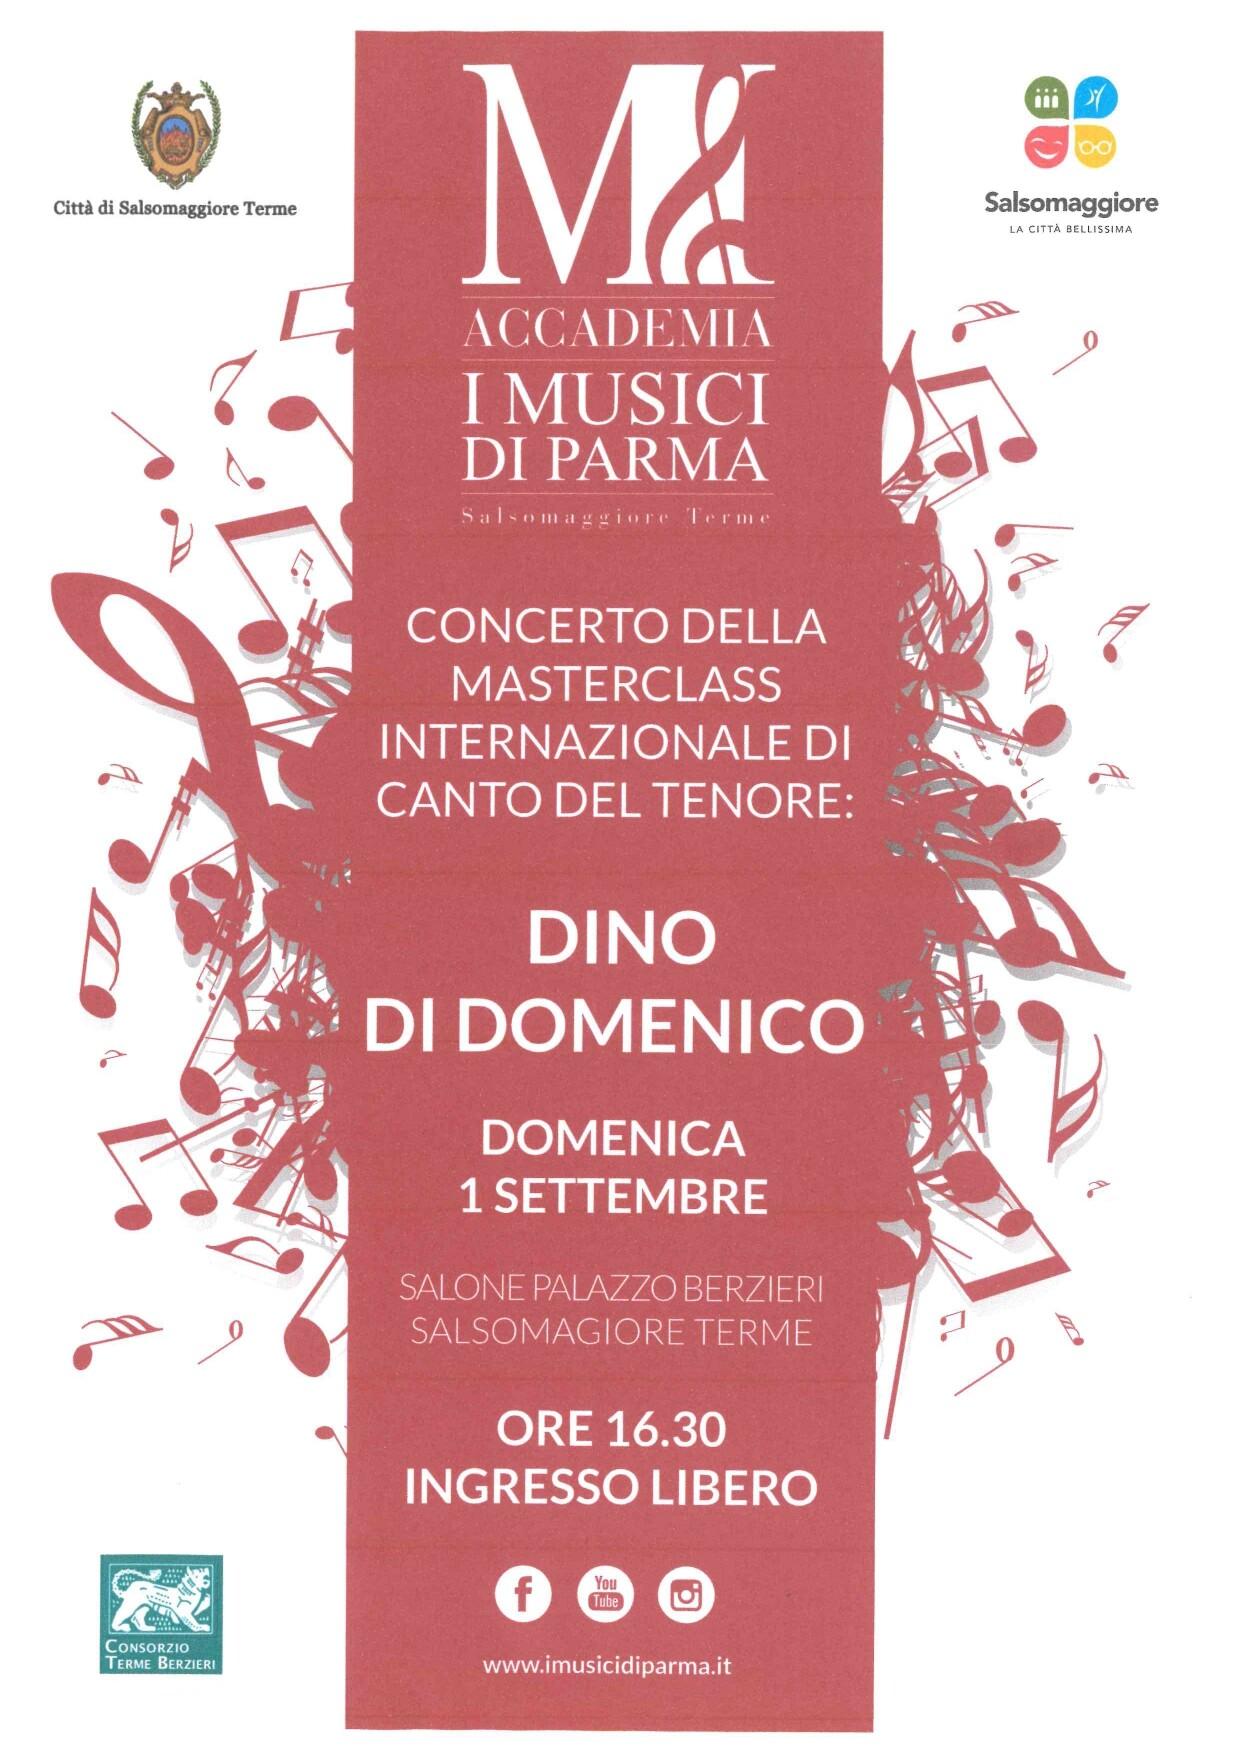 Concerto con il tenore Dino di Domenico al Palazzo delle Terme Berzieri